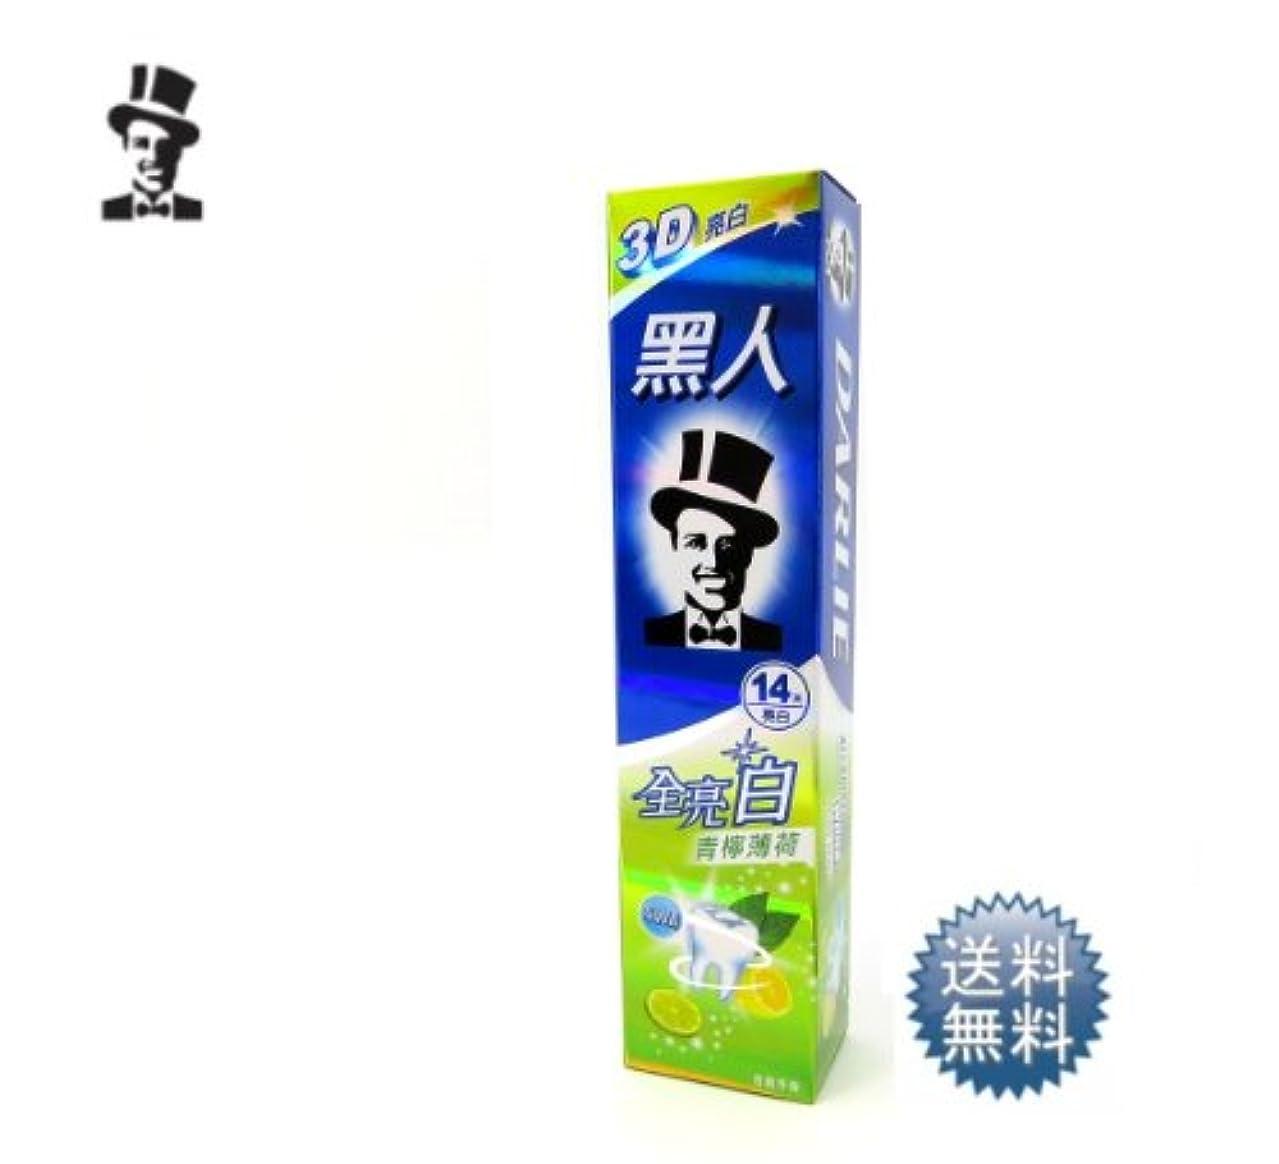 用量から下着台湾 黒人 歯磨き 全亮白 青檸薄荷 140g